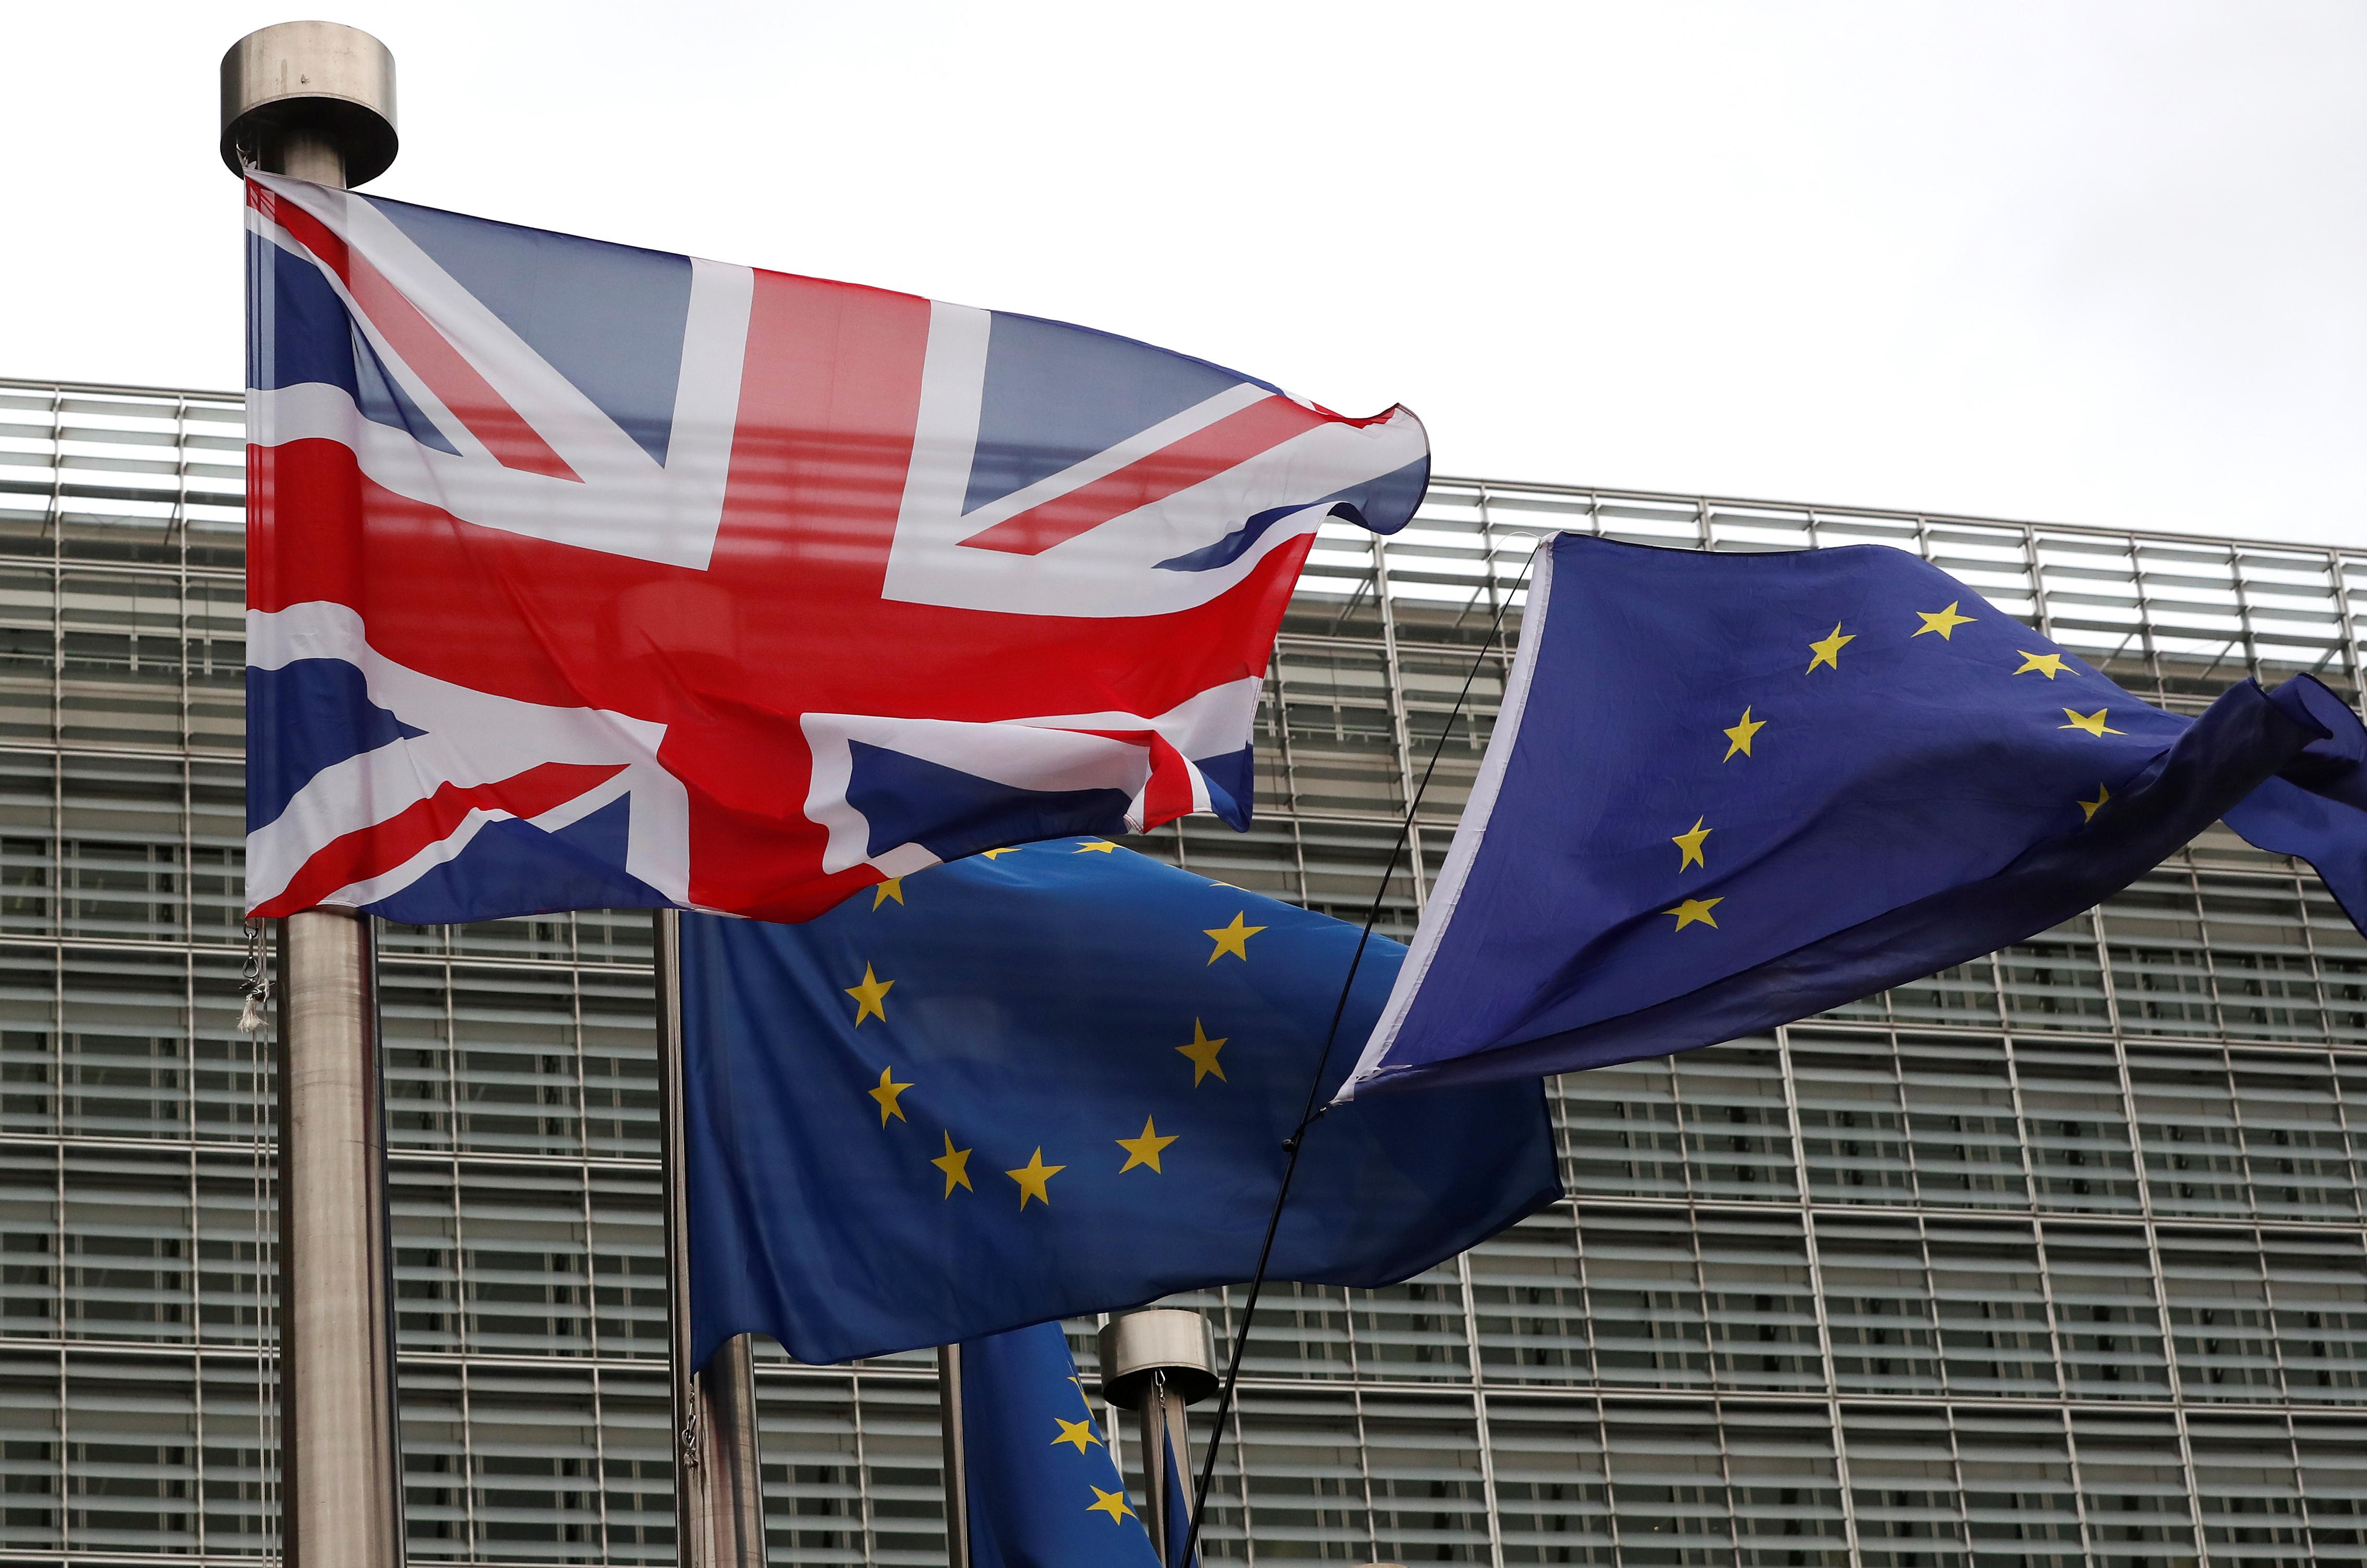 le-brexit-a-coute-500-millions-par-semaine-au-royaume-uni